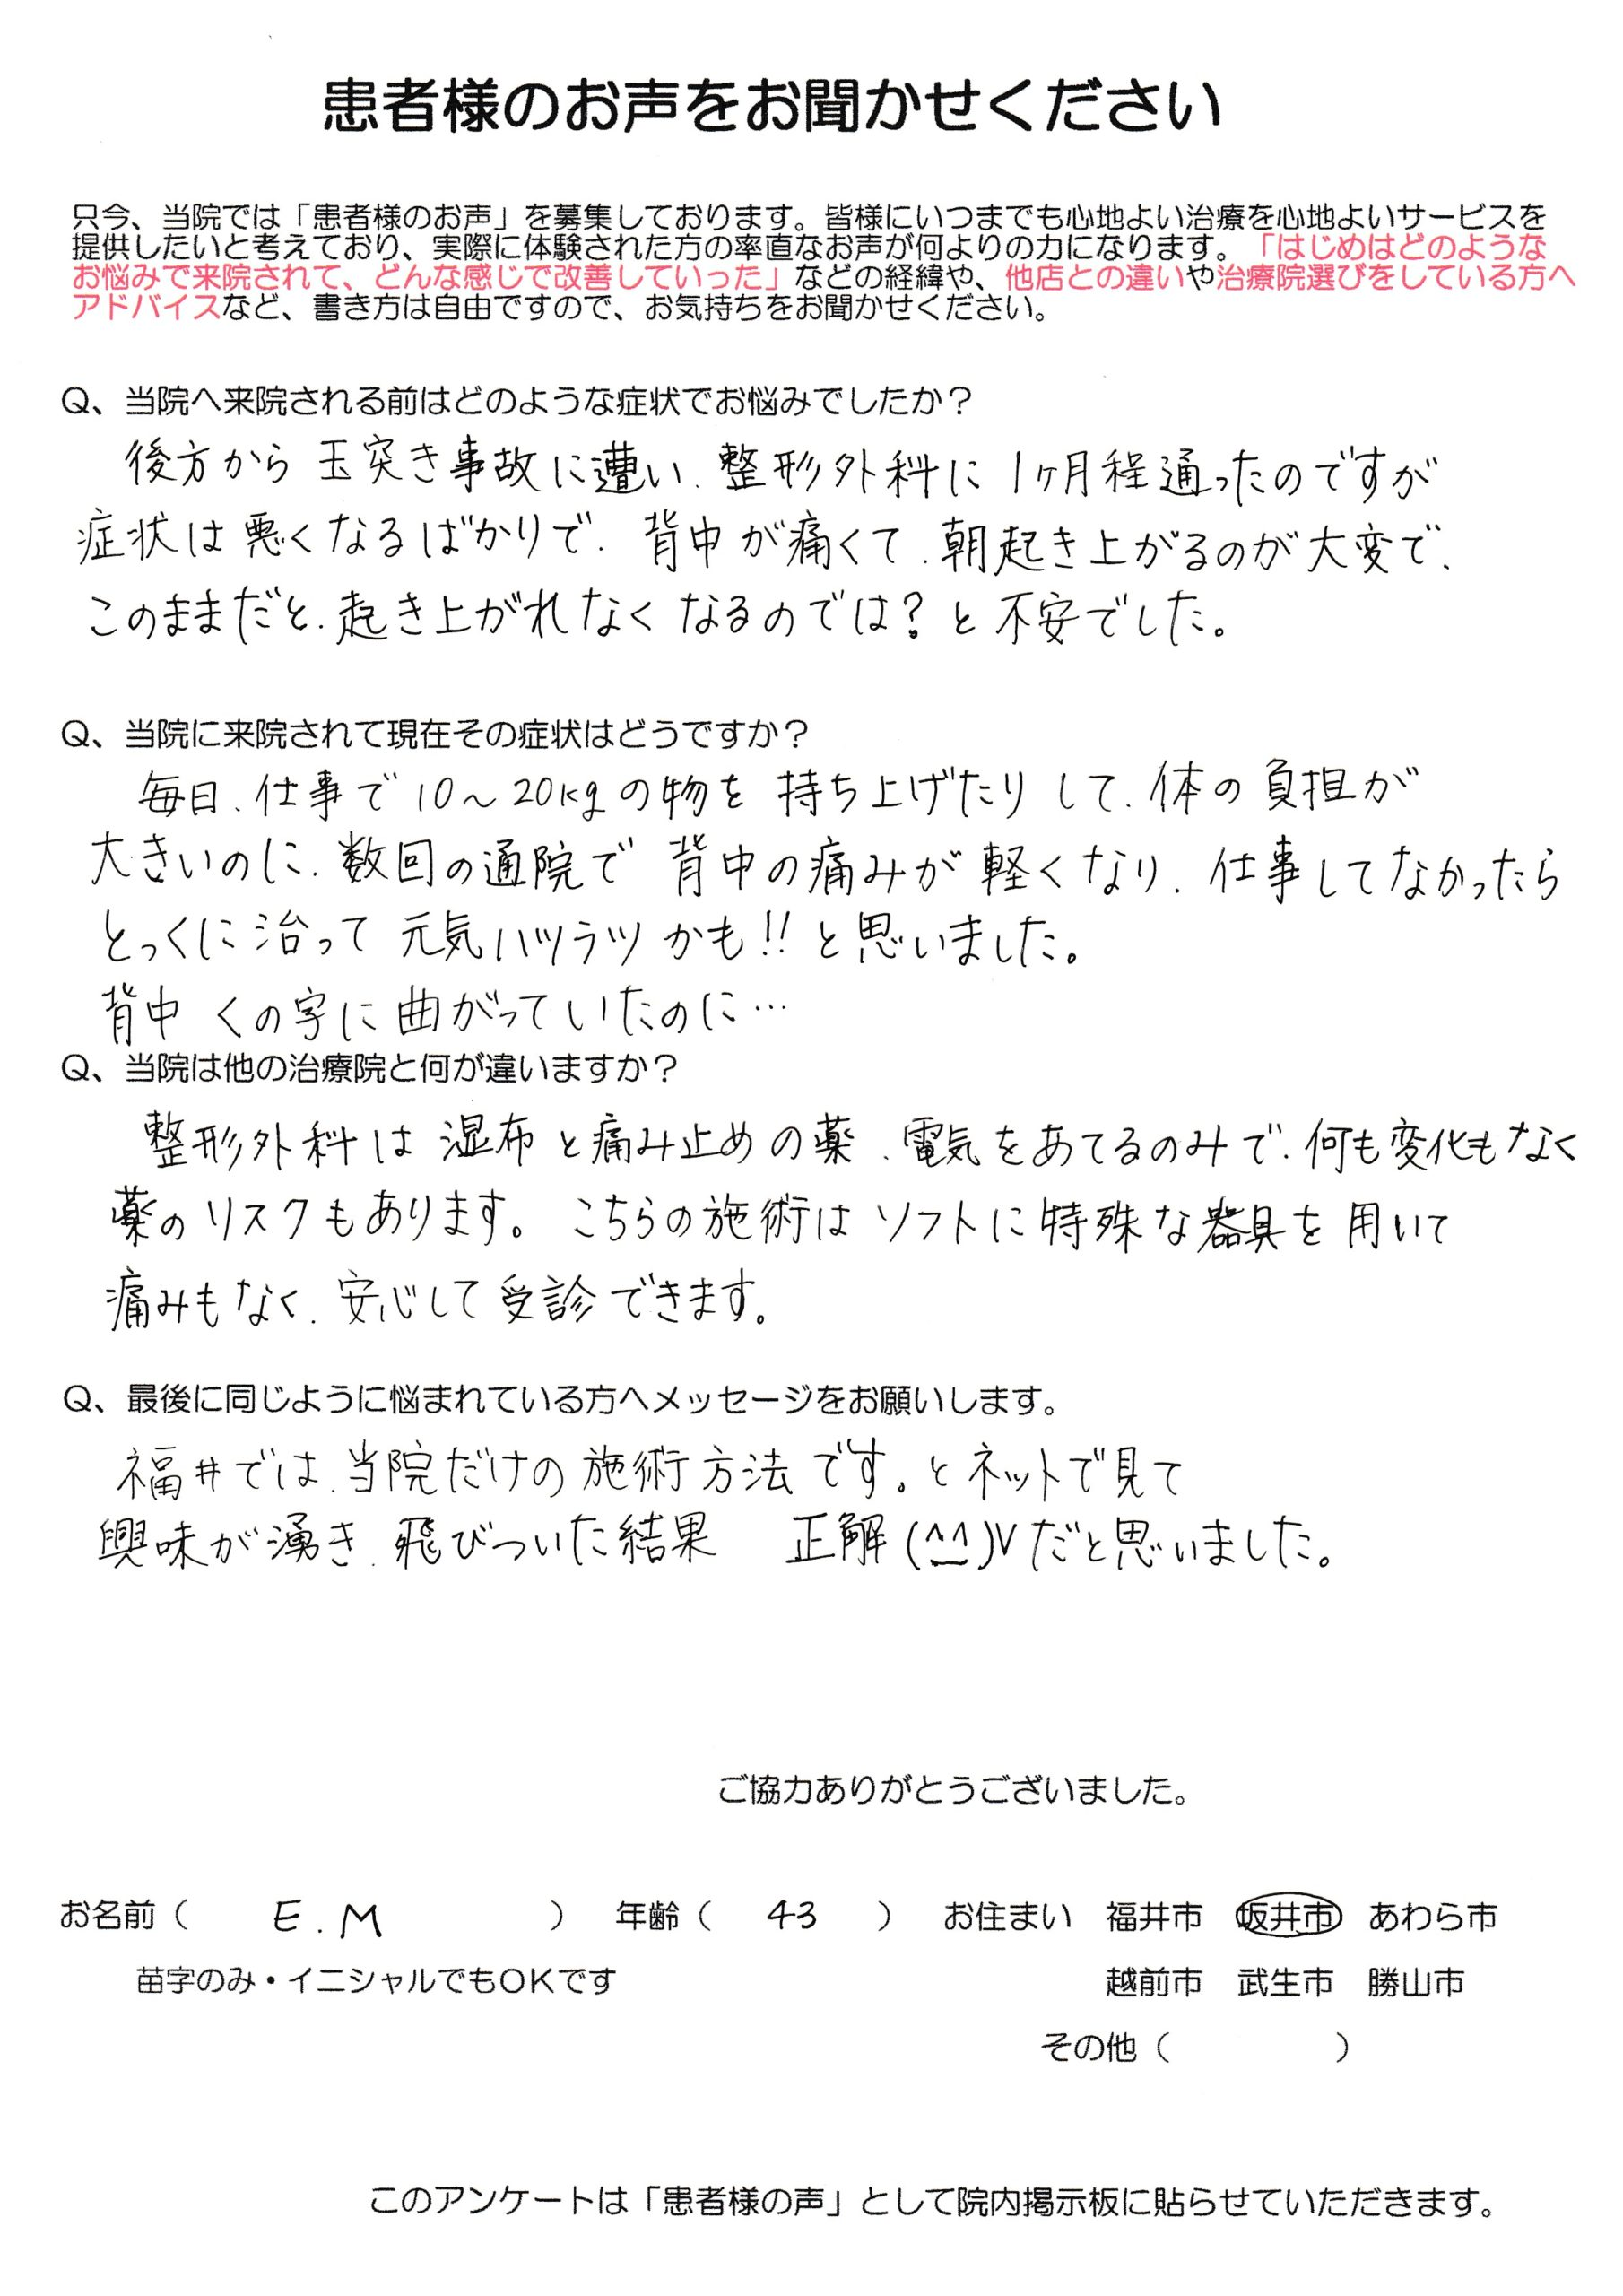 坂井市春江町のひまわり整骨院で治療を受けた交通事故後の症状が改善された患者様の喜びの声